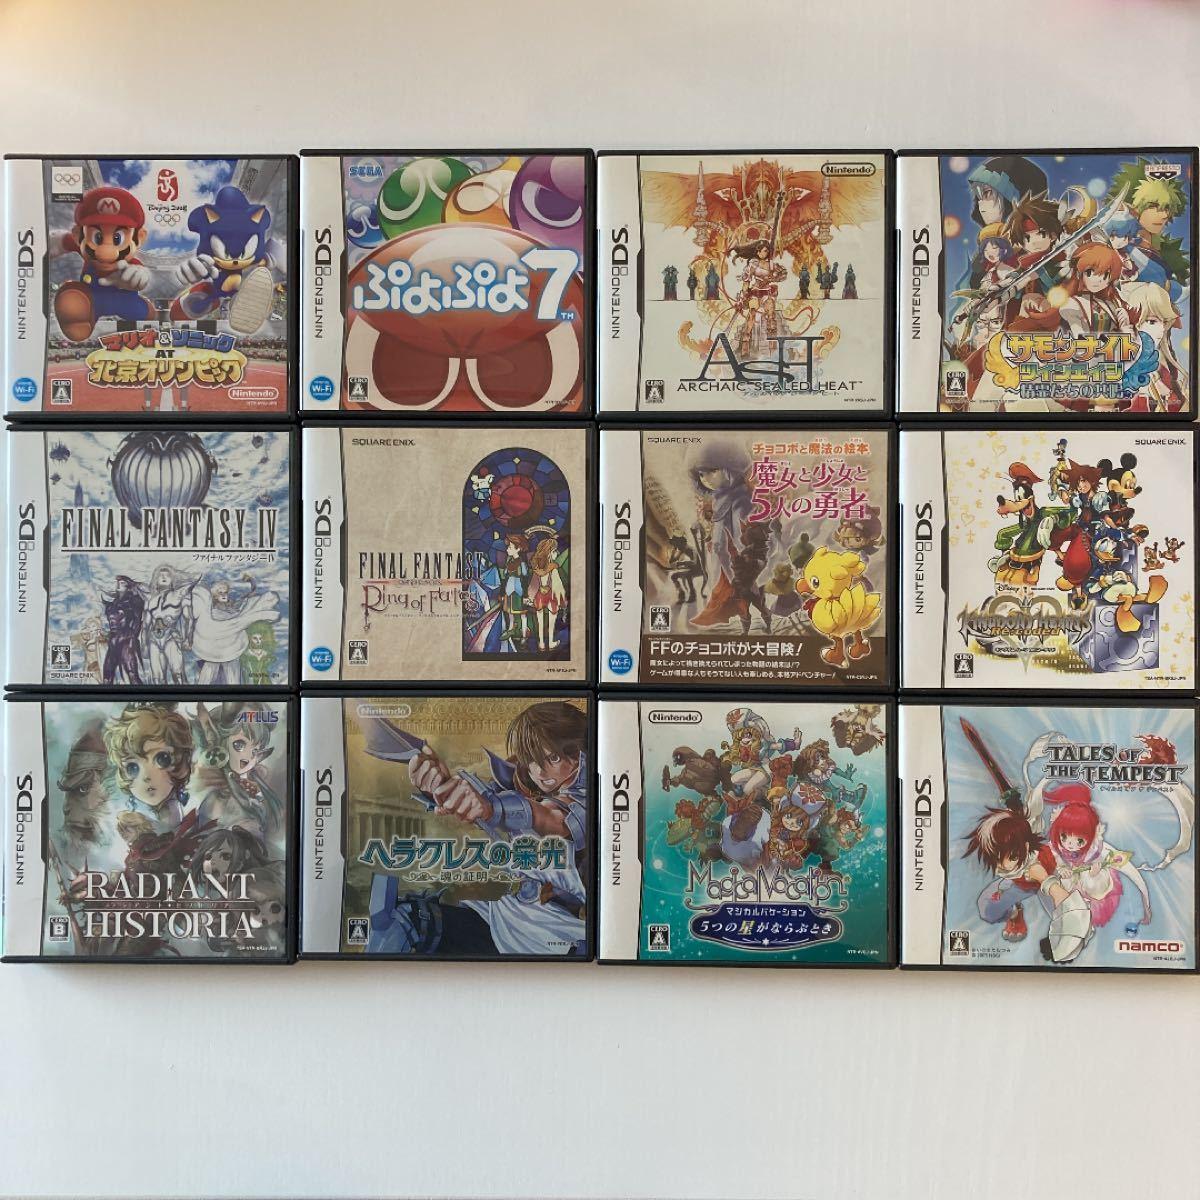 ニンテンドーDSソフト12本セット ファイナルファンタジー テイルズなど Nintendo 任天堂